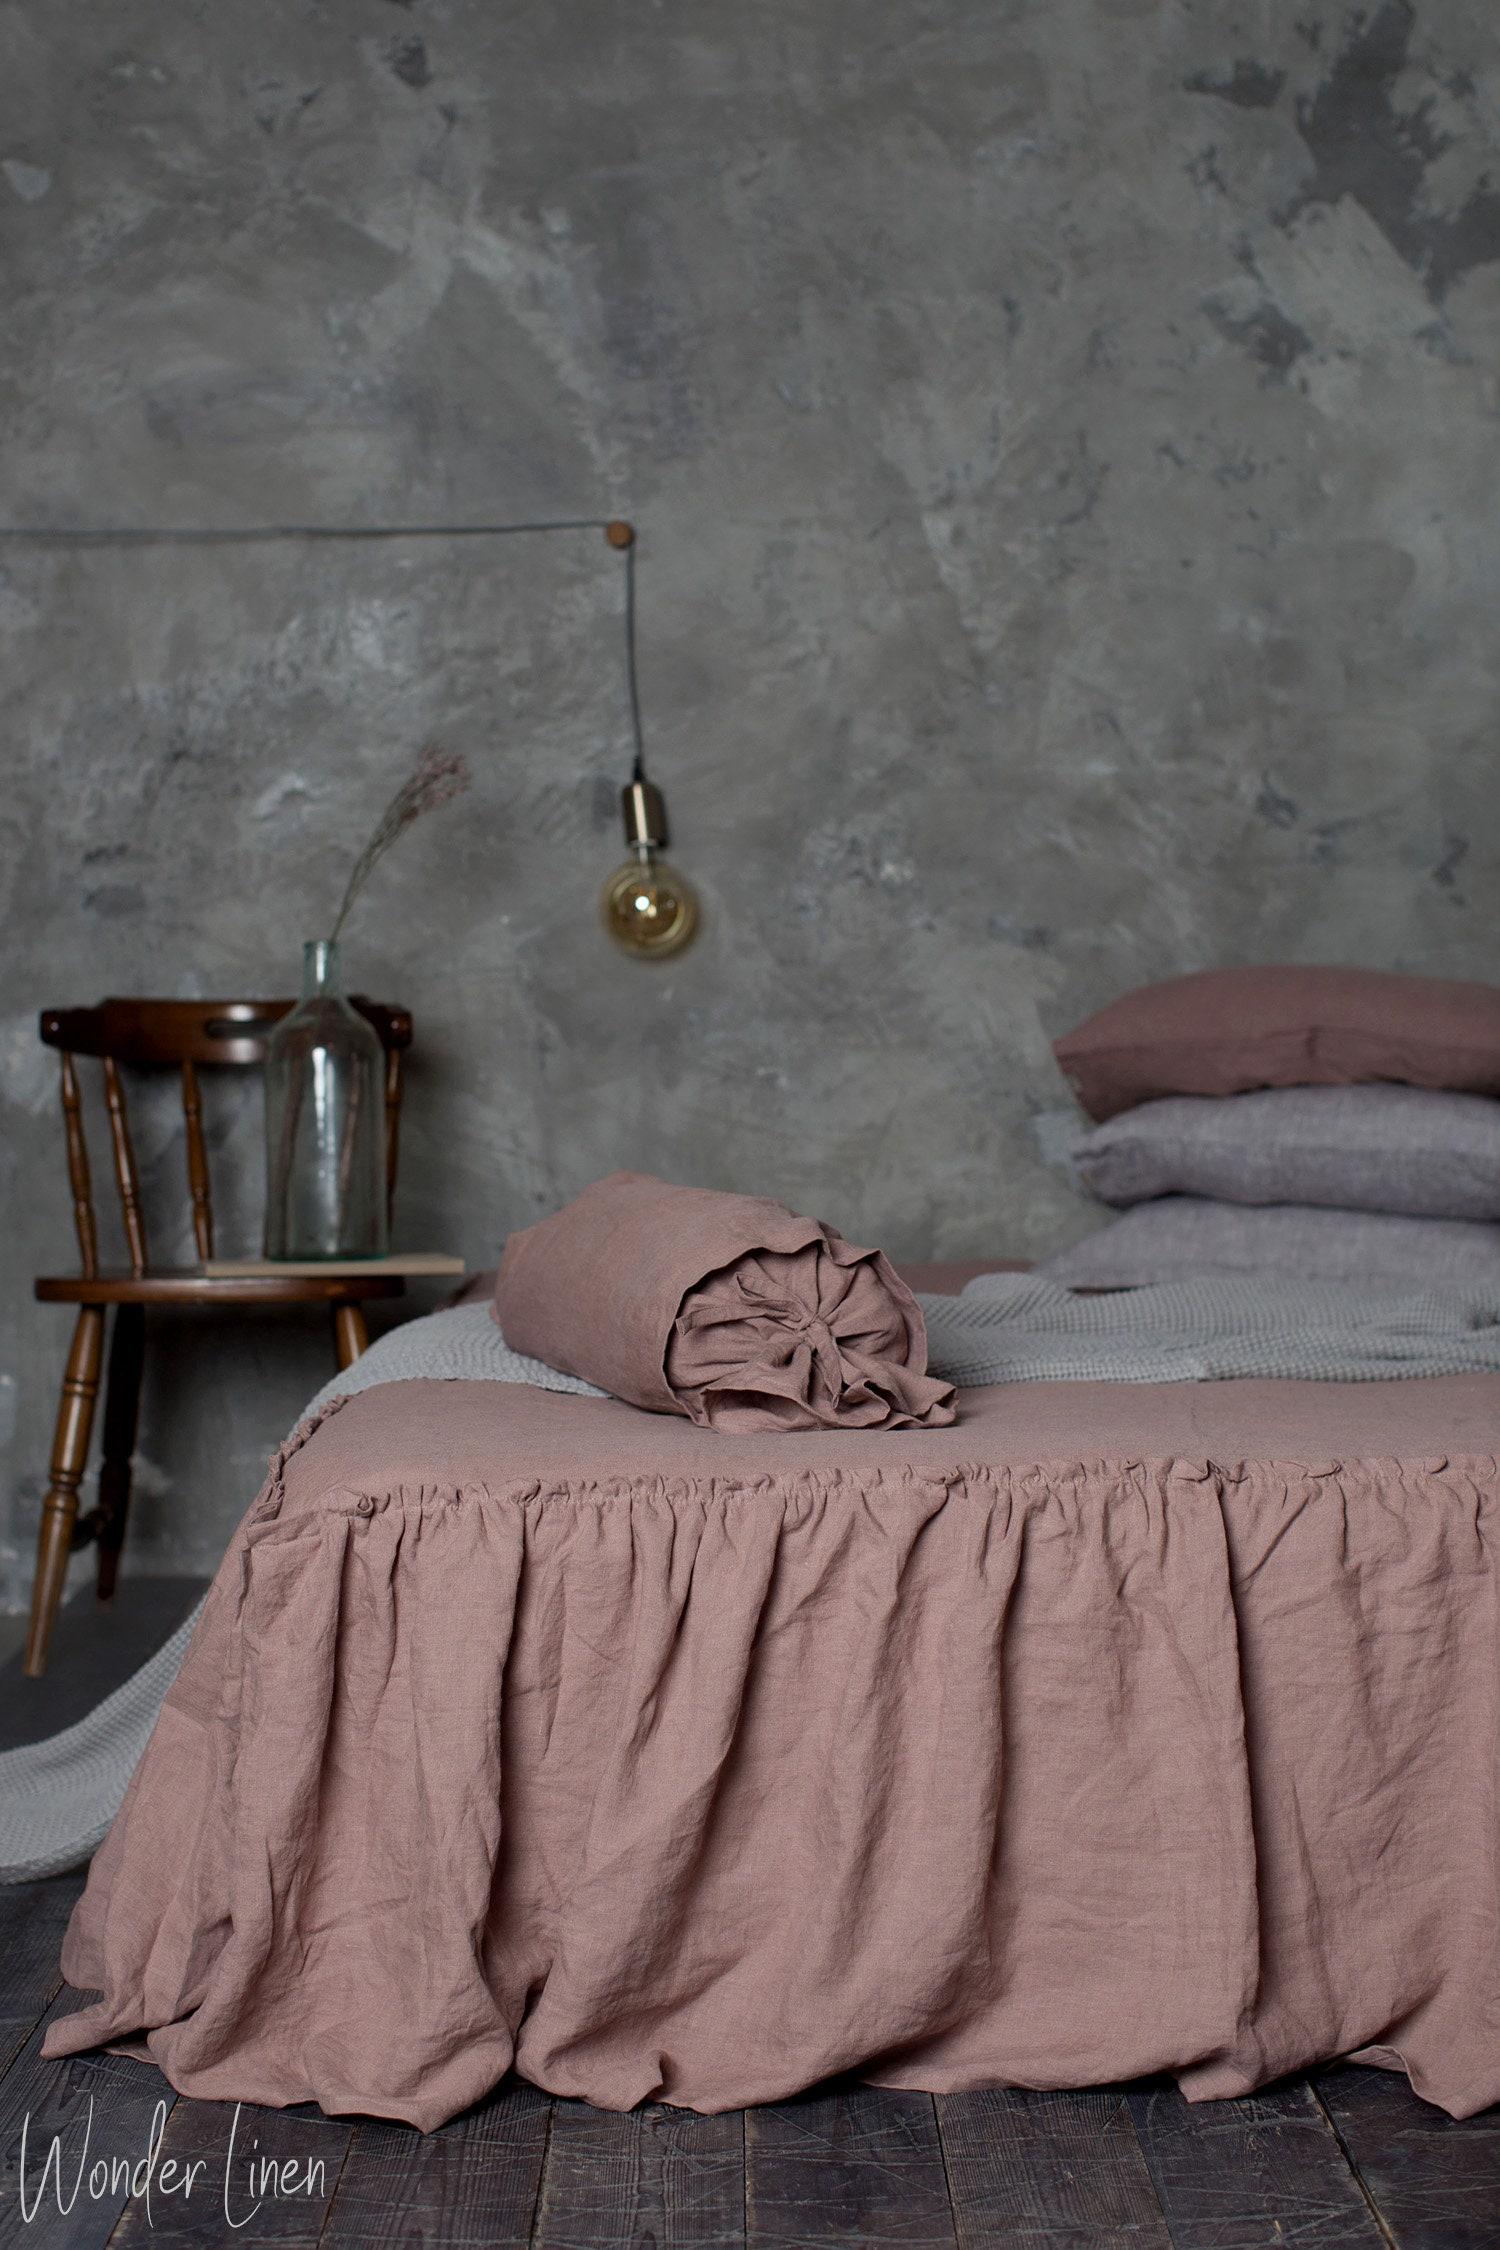 Couverture de lit en lin. Jupe de lit de ferme avec des volants. Woodrose lavé lin doux literie roi ébouriffé. Shaby poussin reine lin literie.